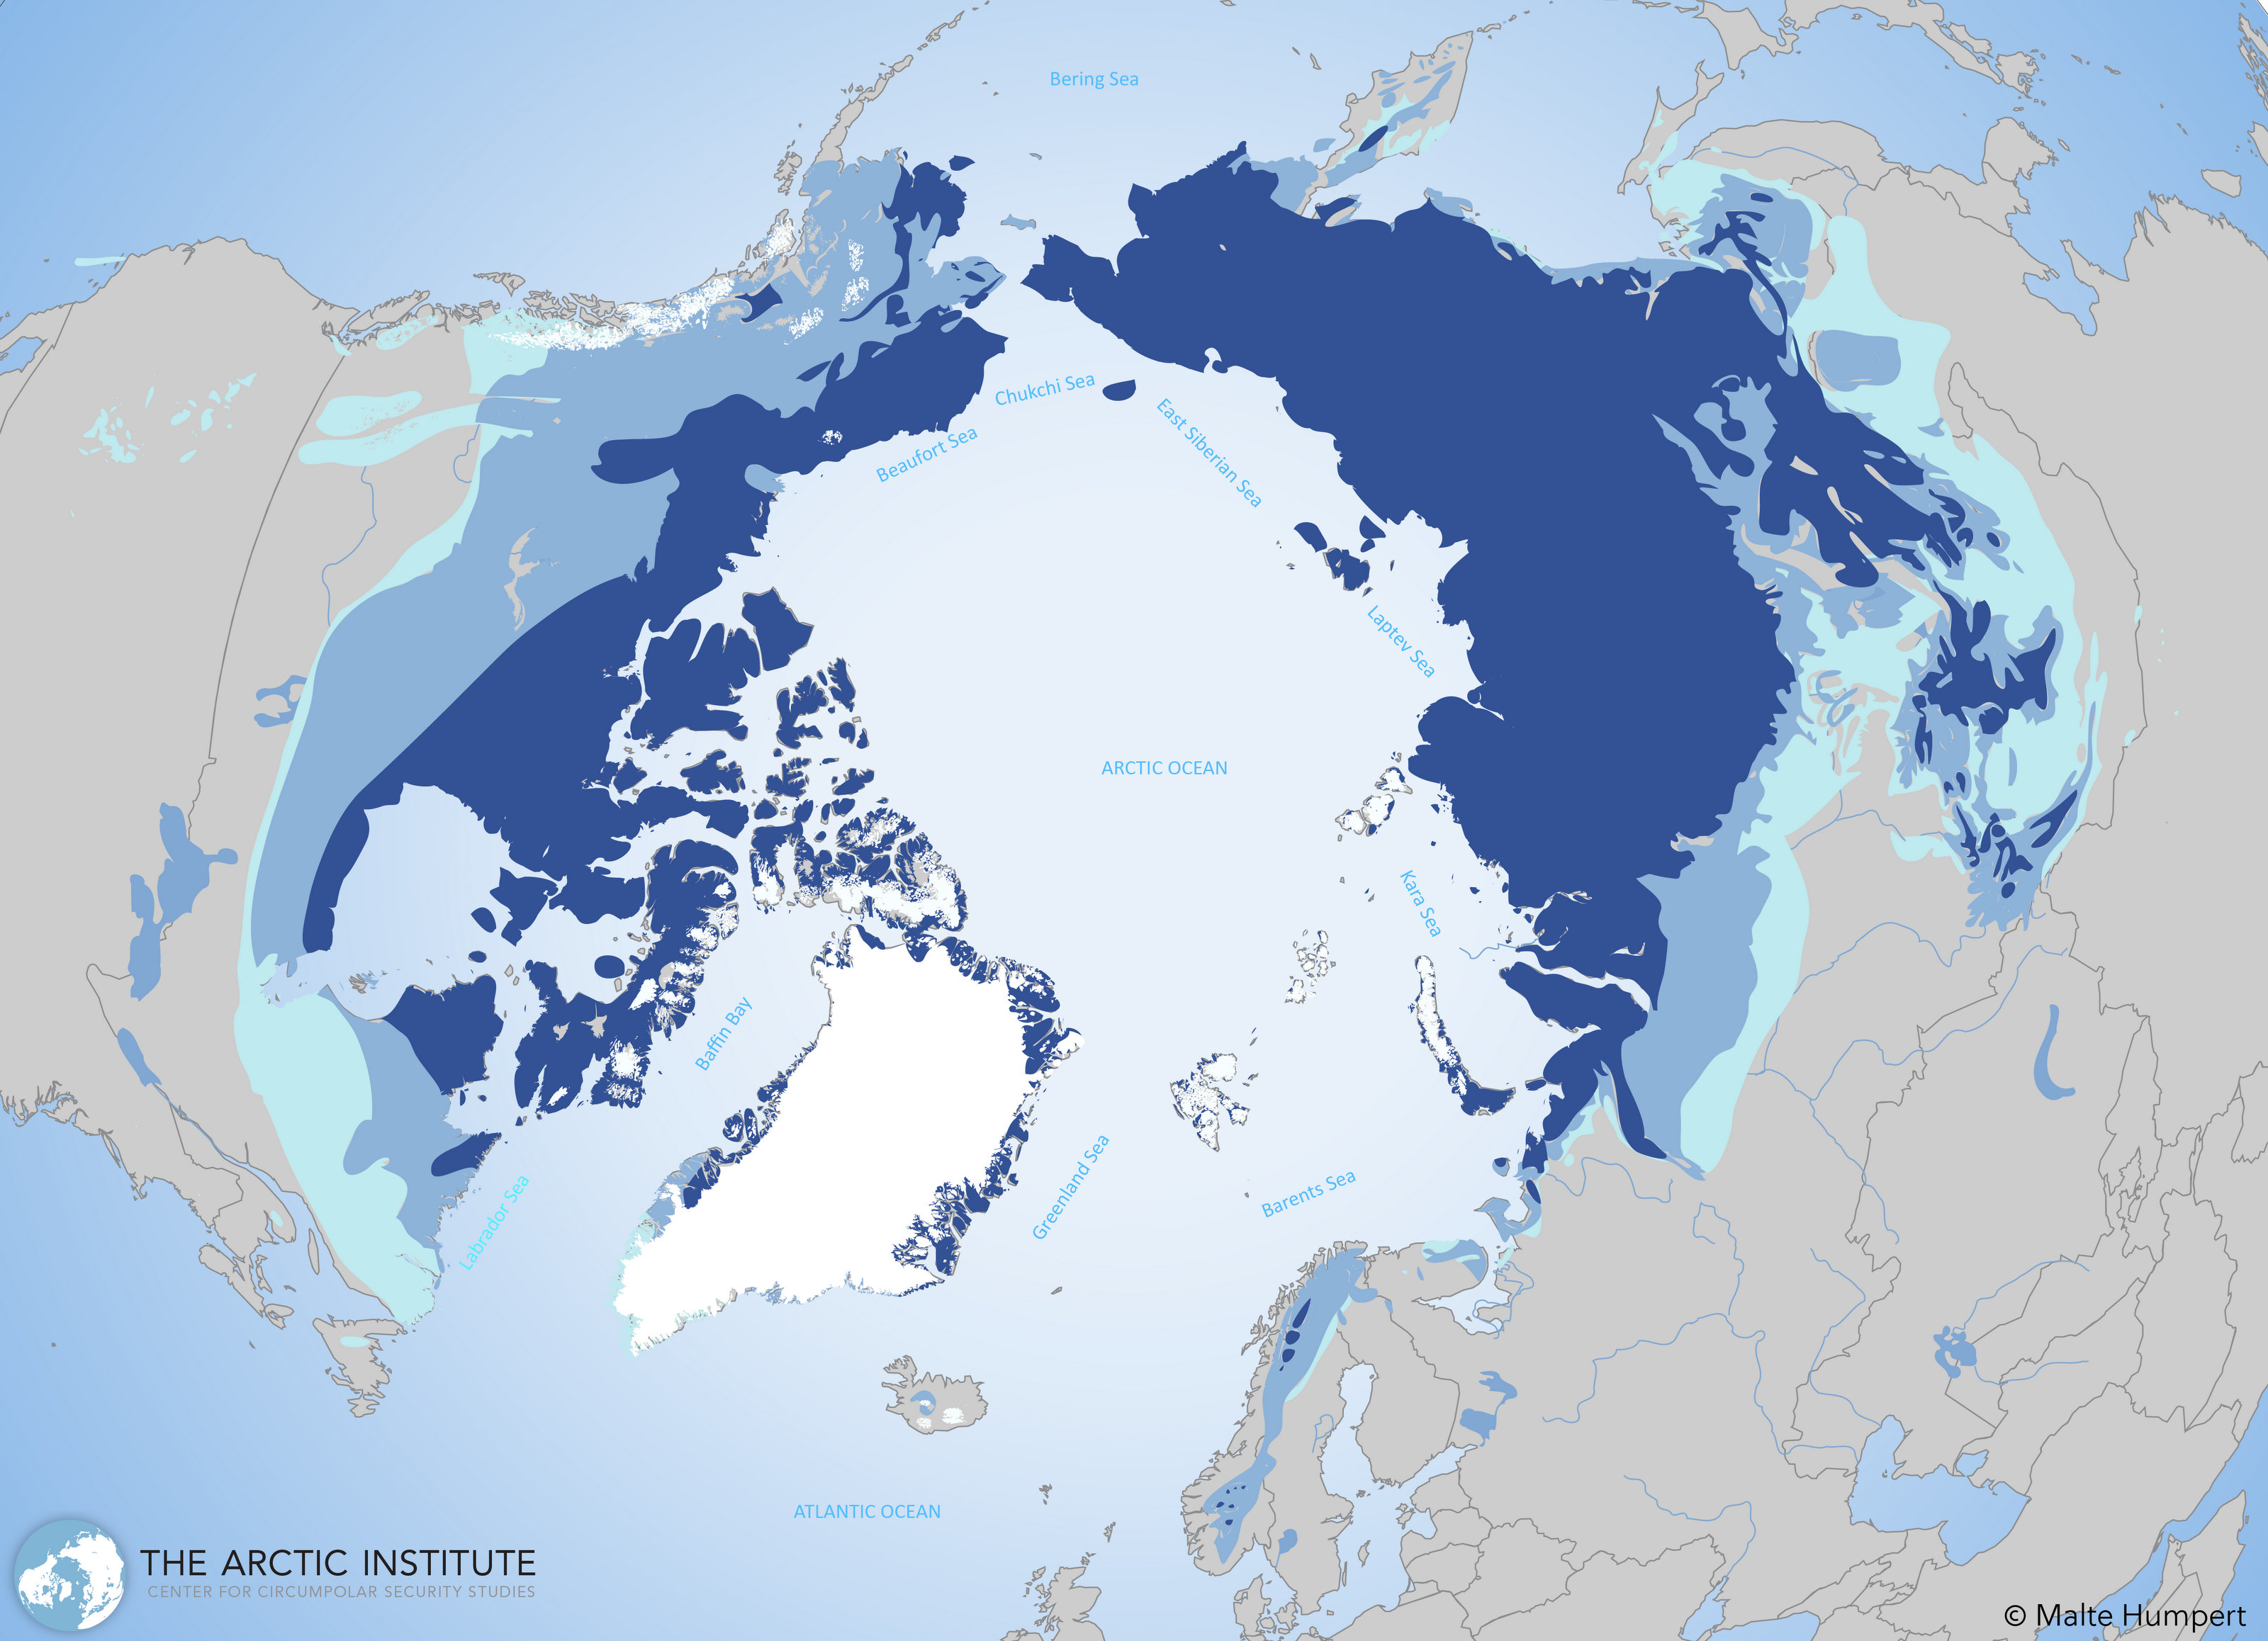 Arctic Maps Visualizing The Arctic The Arctic Institute - Arctic map